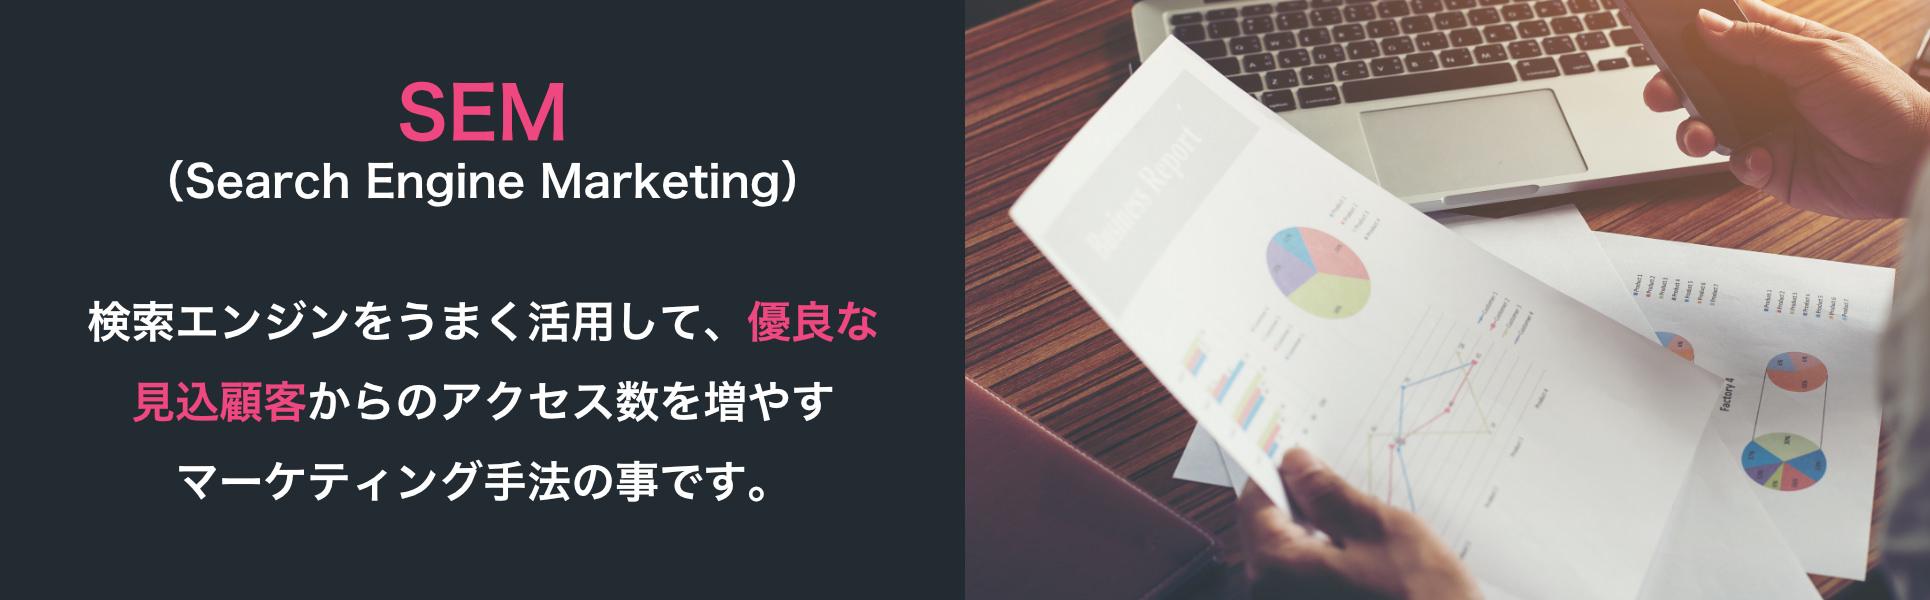 SEM(Search Engine Marketing)検索エンジンをうまく活用して、優良な見込顧客からのアクセス数を増やすマーケティング手法の事です。